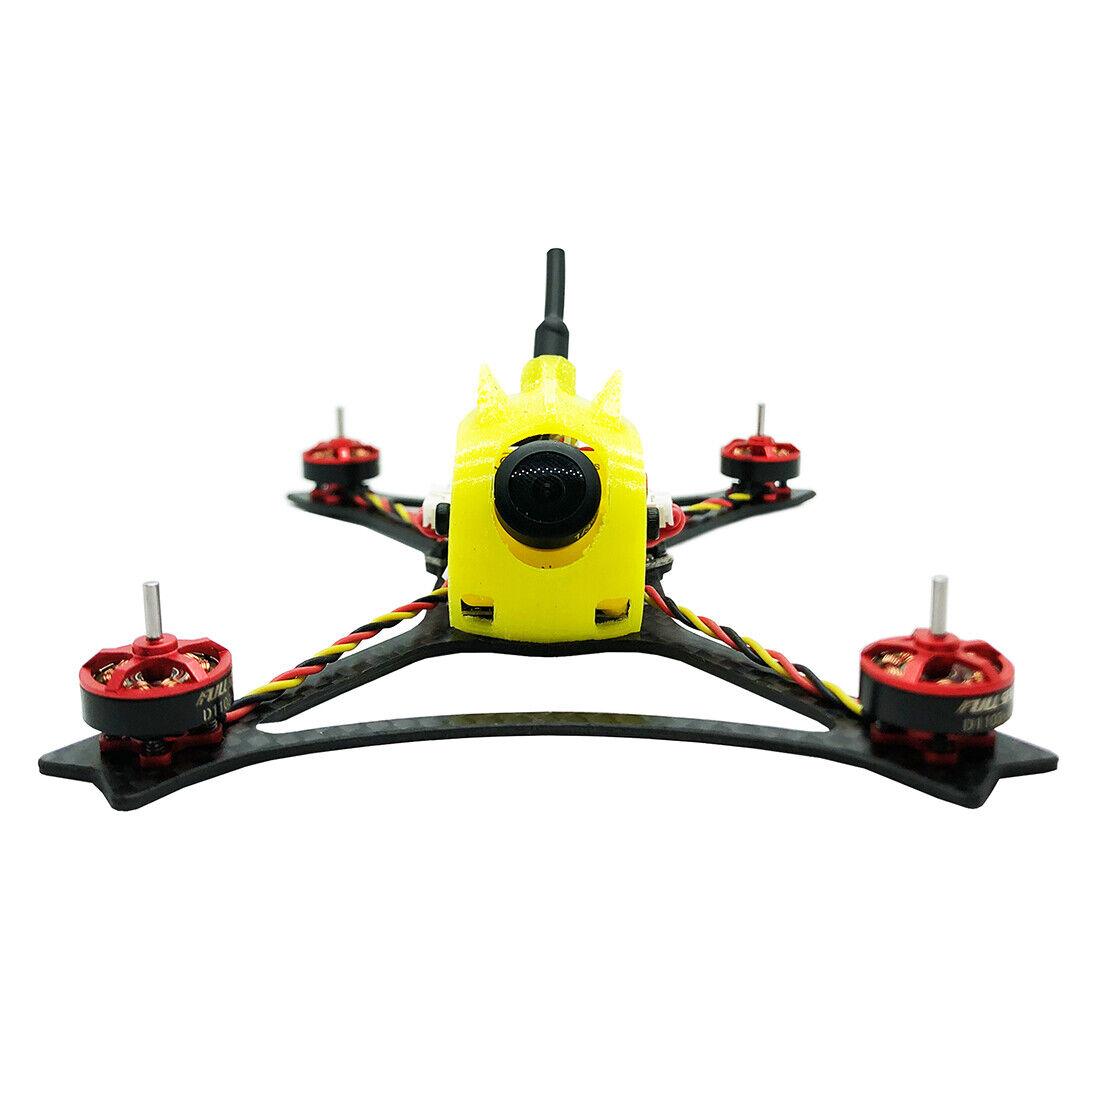 FULLSPEED palillo de dientes 2-3S sin escobillas dan por vista en primera persona Racing Drone Cuadricóptero